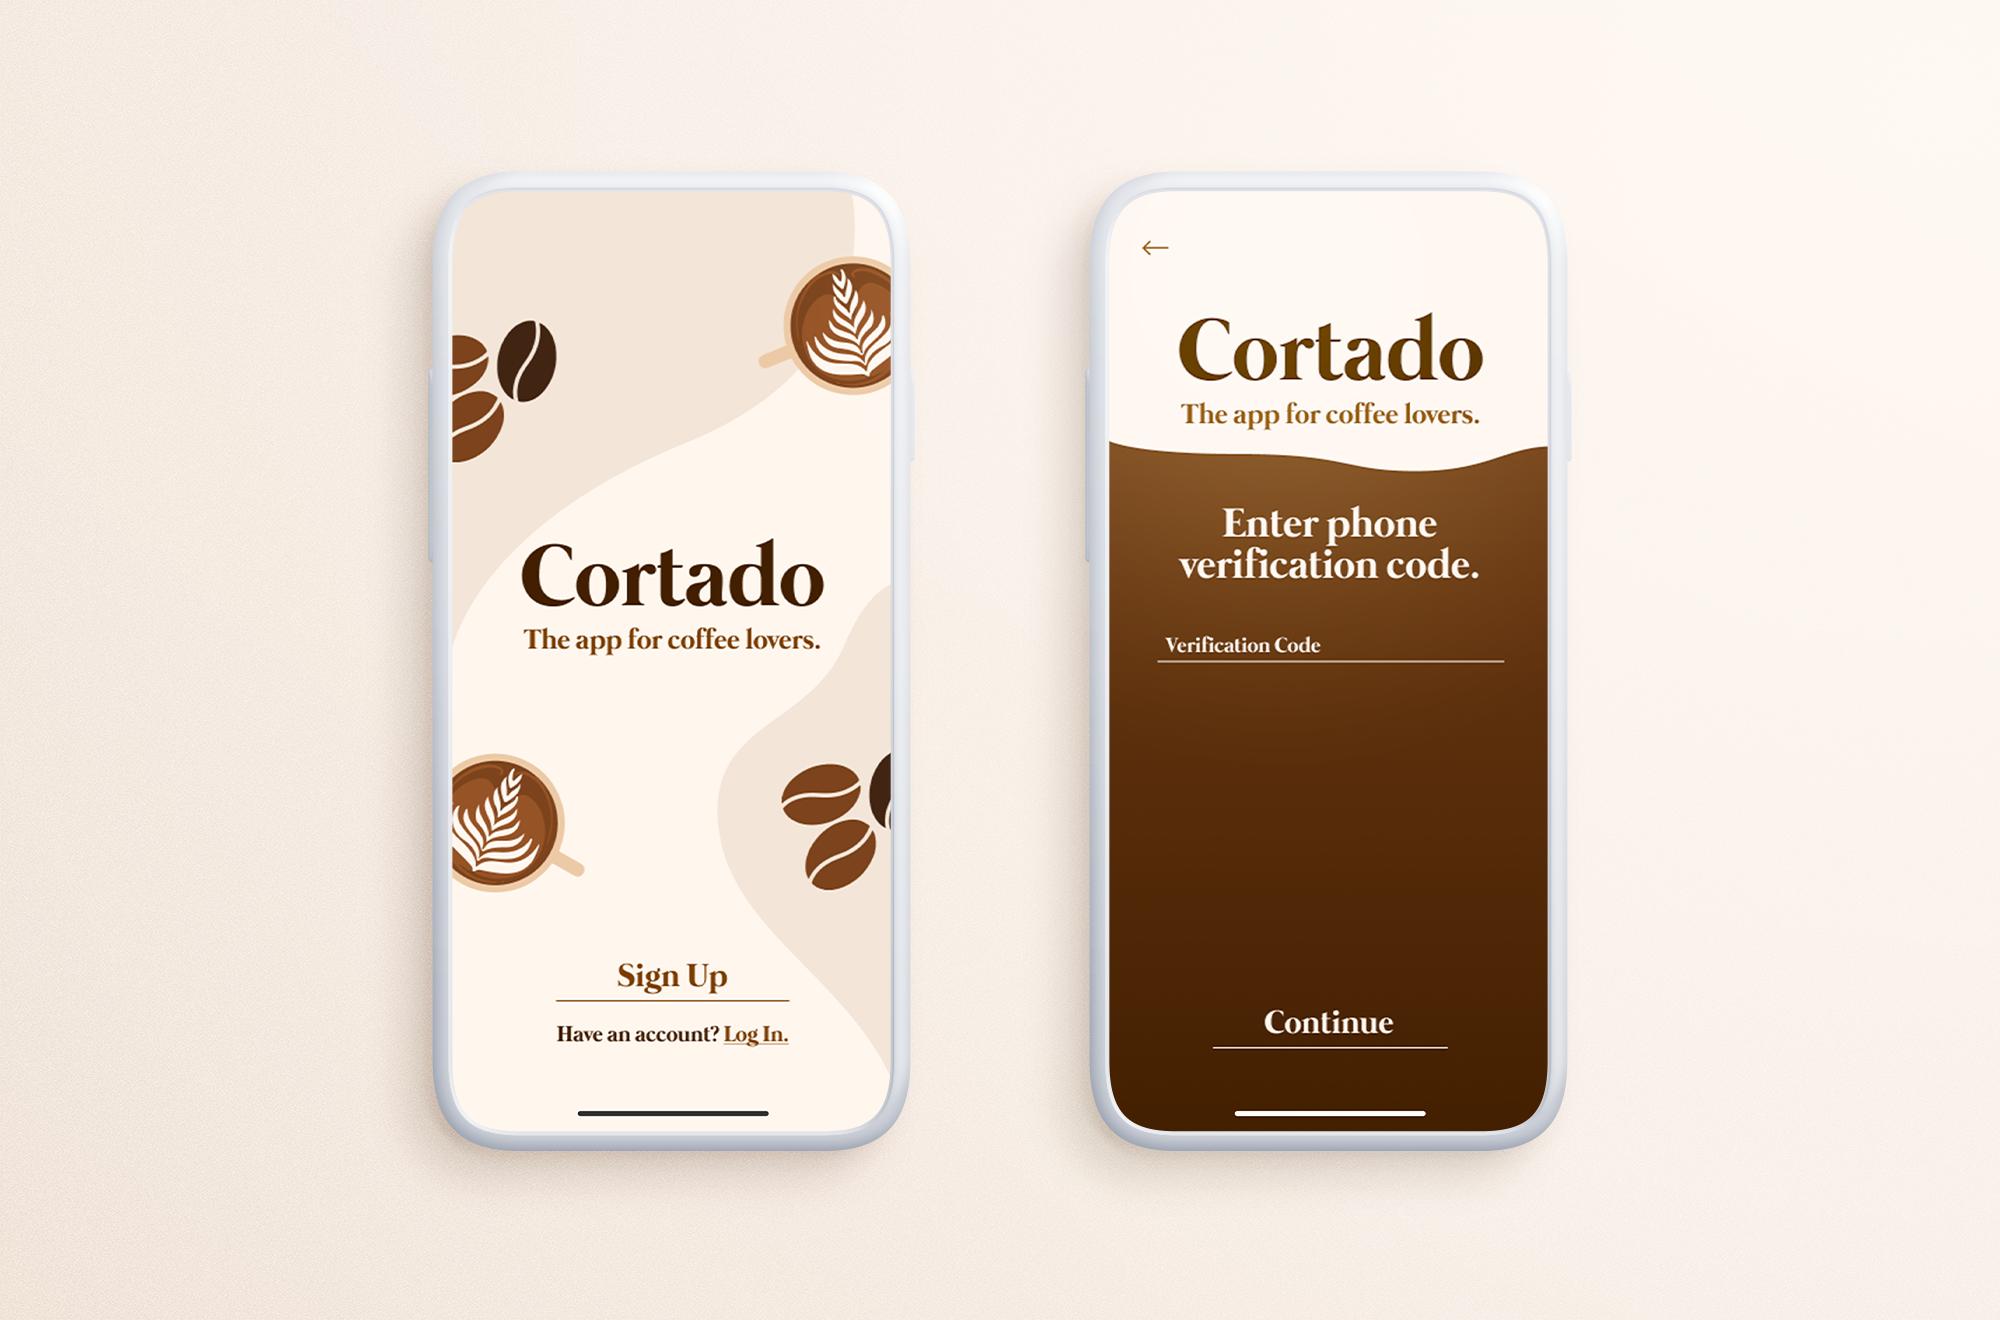 Cortado App Preview Image